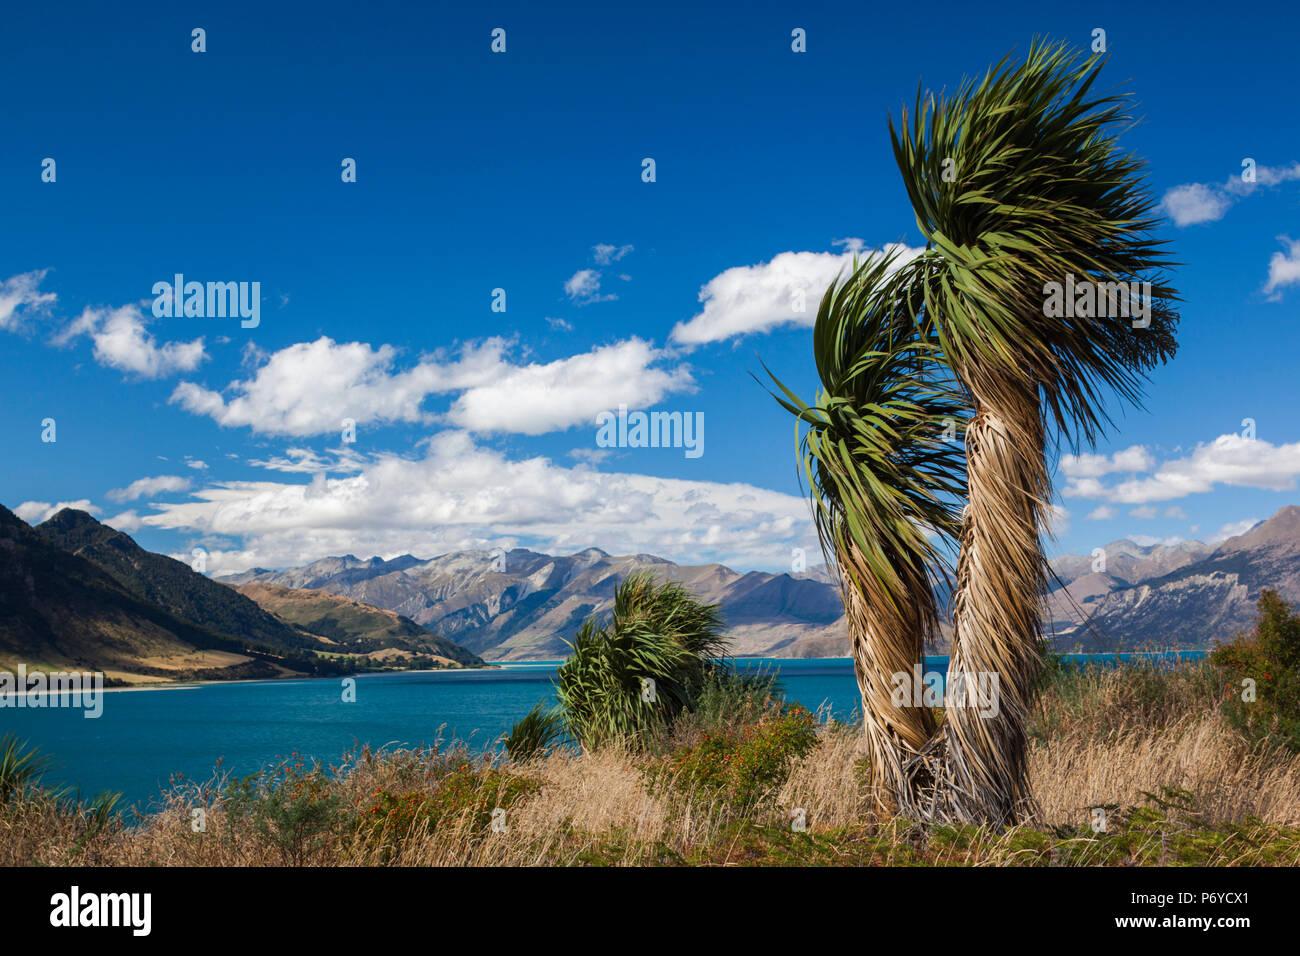 Nouvelle Zélande, île du Sud, de la région de l'Otago, Wanaka, lac Hawea Banque D'Images